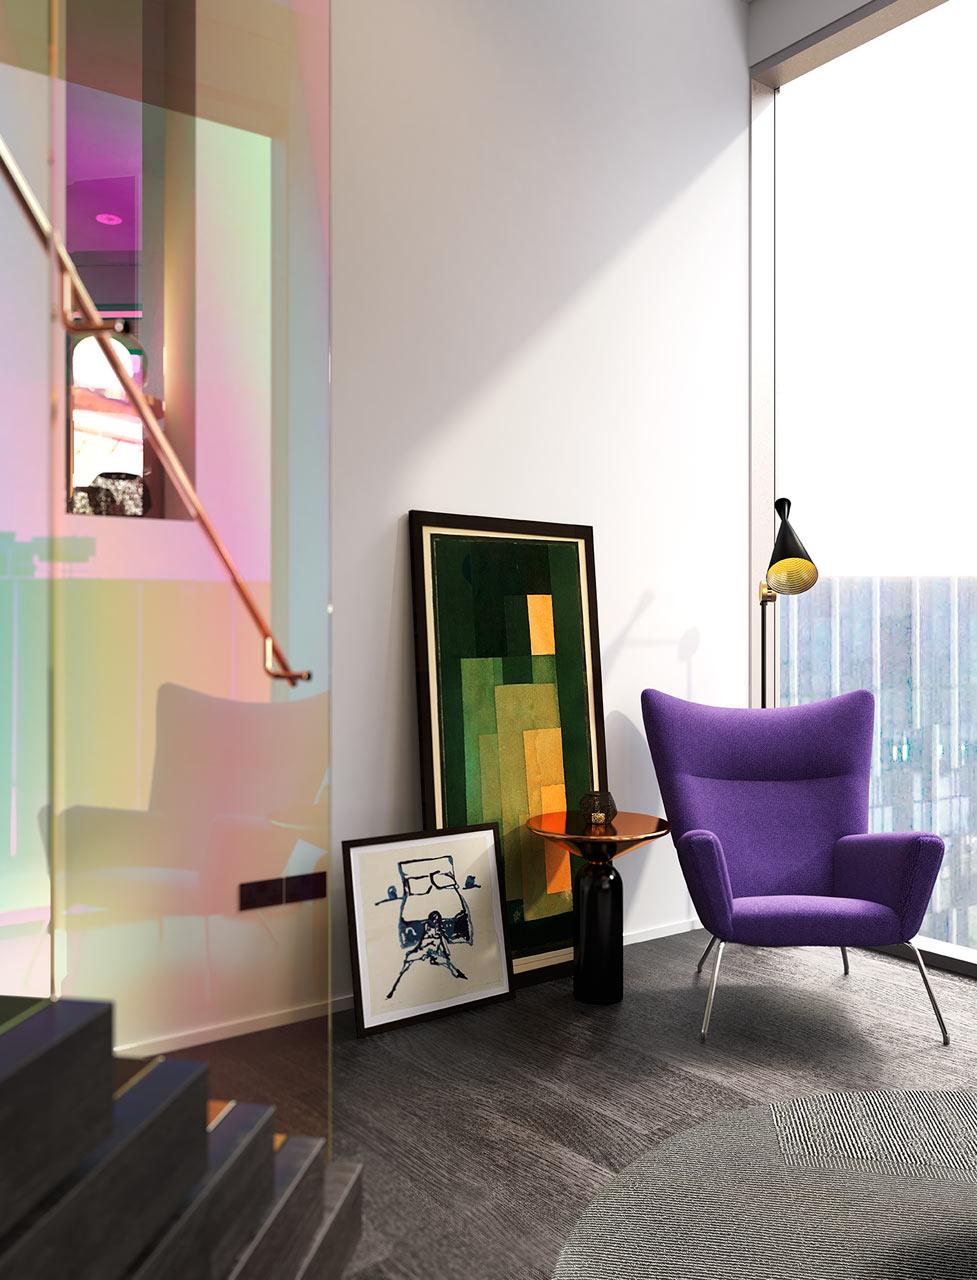 غرفة معيشة مودرن 1ا1 جرأة وروعة الألوان في تصميم وحدات سكنية عصرية